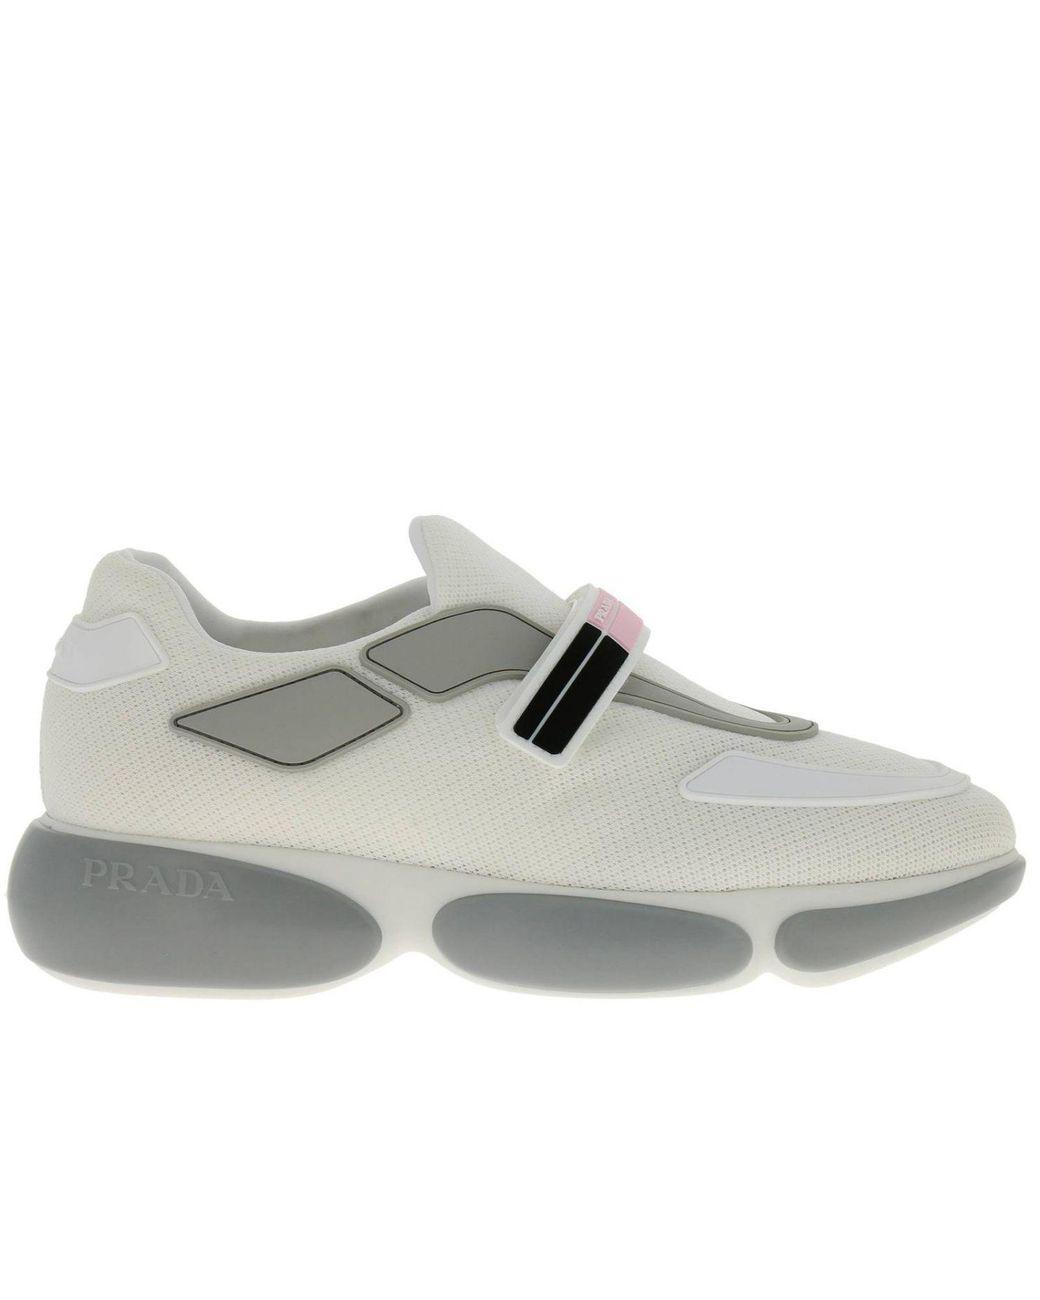 3dde898d7b Lyst - Prada Sneakers Shoes Women in White